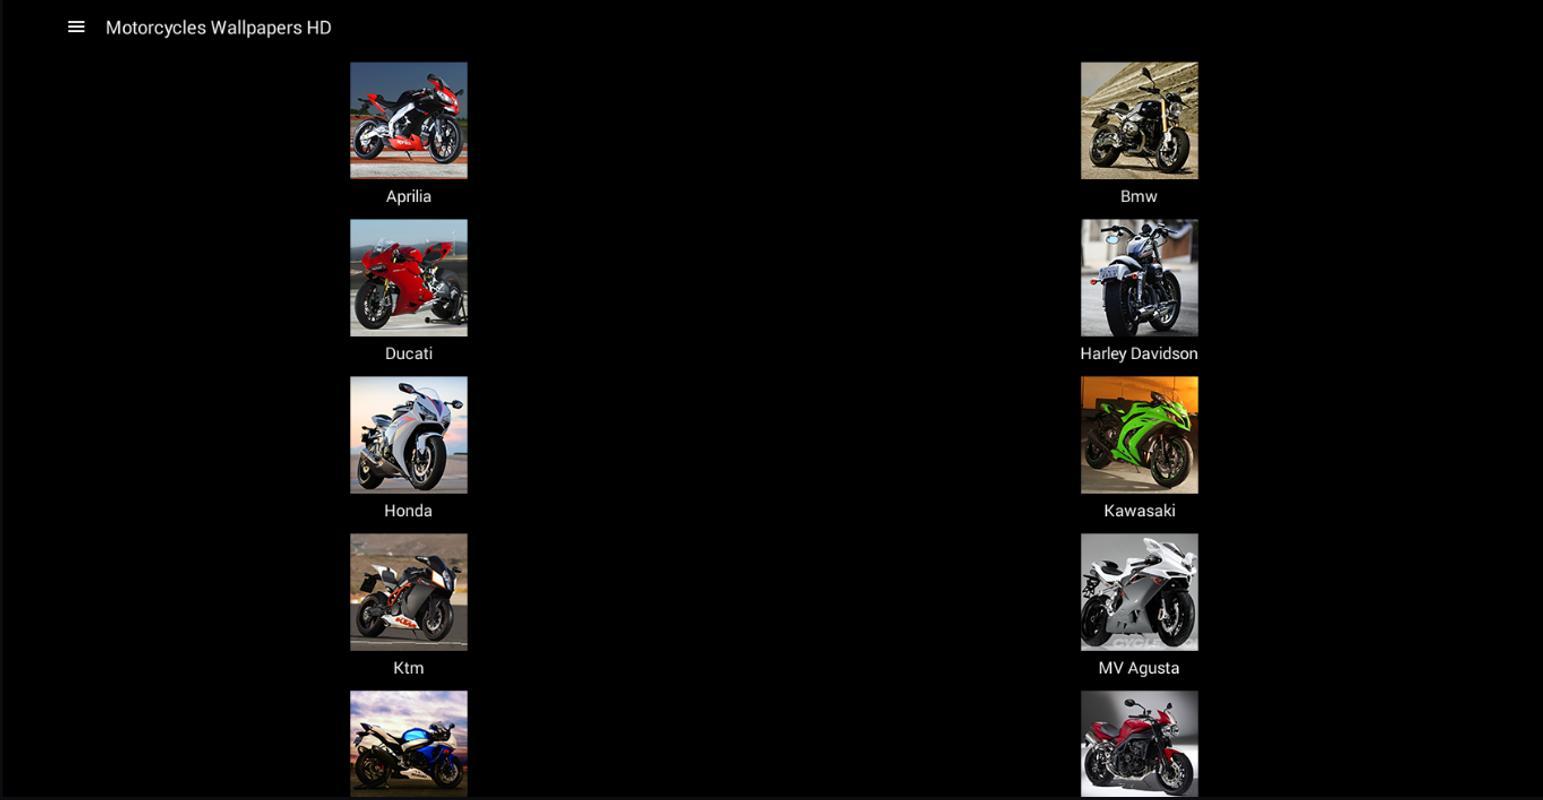 Fondos De Pantalla De Motos: Fondos De Pantalla Motos HD For Android